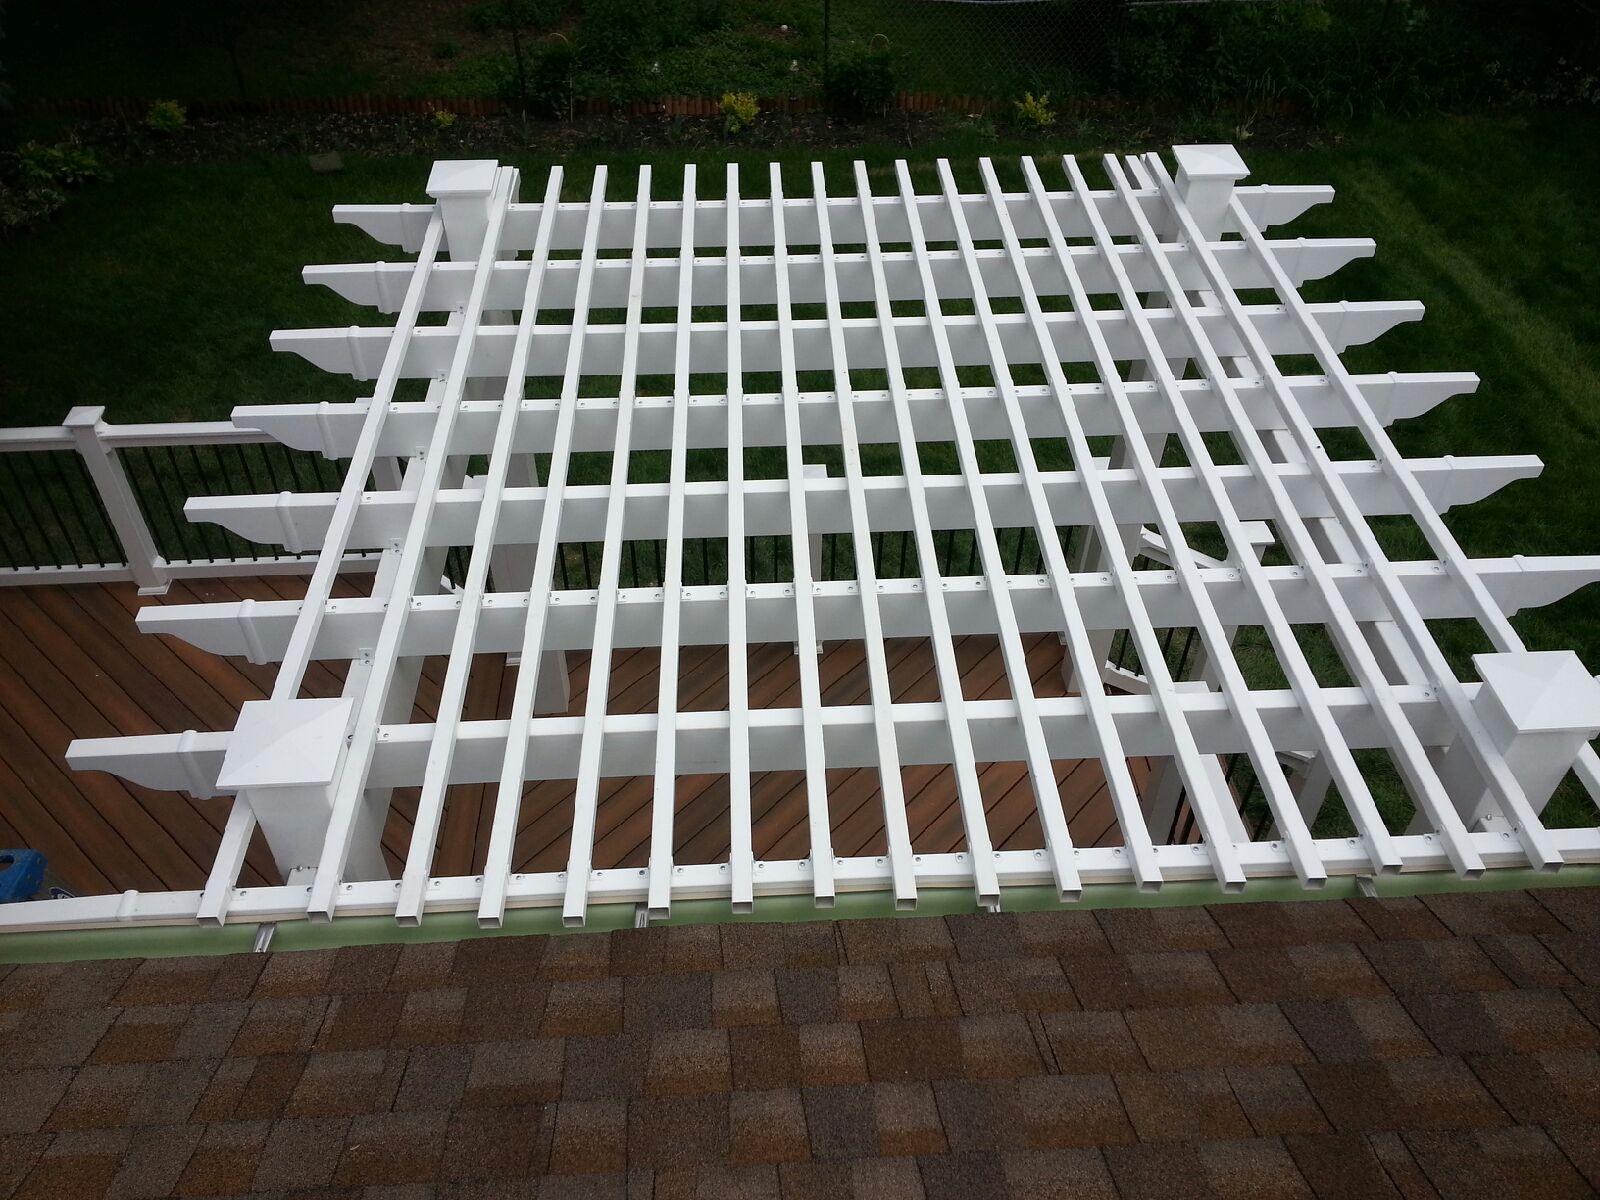 Vinyl / Aluminum Pergola Kits - Decks & Fencing - Contractor